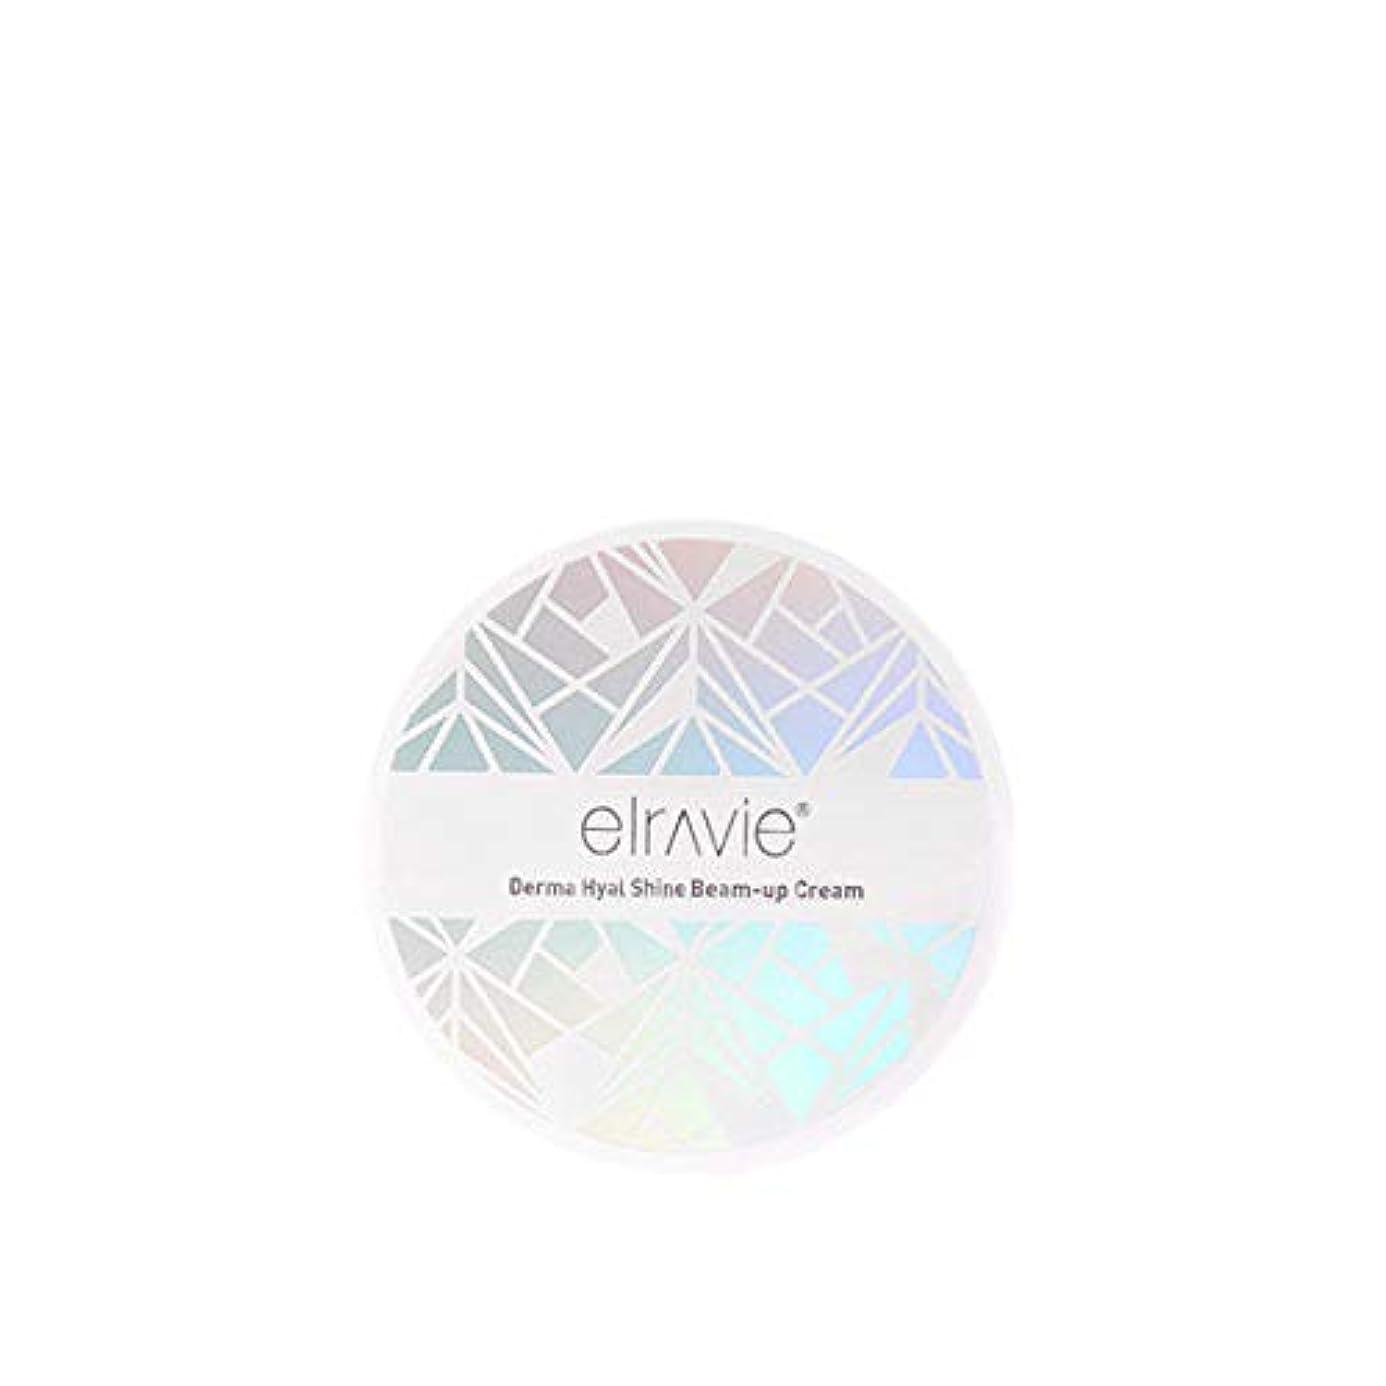 パイロット膨張するミネラルエラヴィー[Elravie] ダーマヒアルロン酸 輝くビームアップクリーム15g / Derma Hyal Shine Beam-up Cream